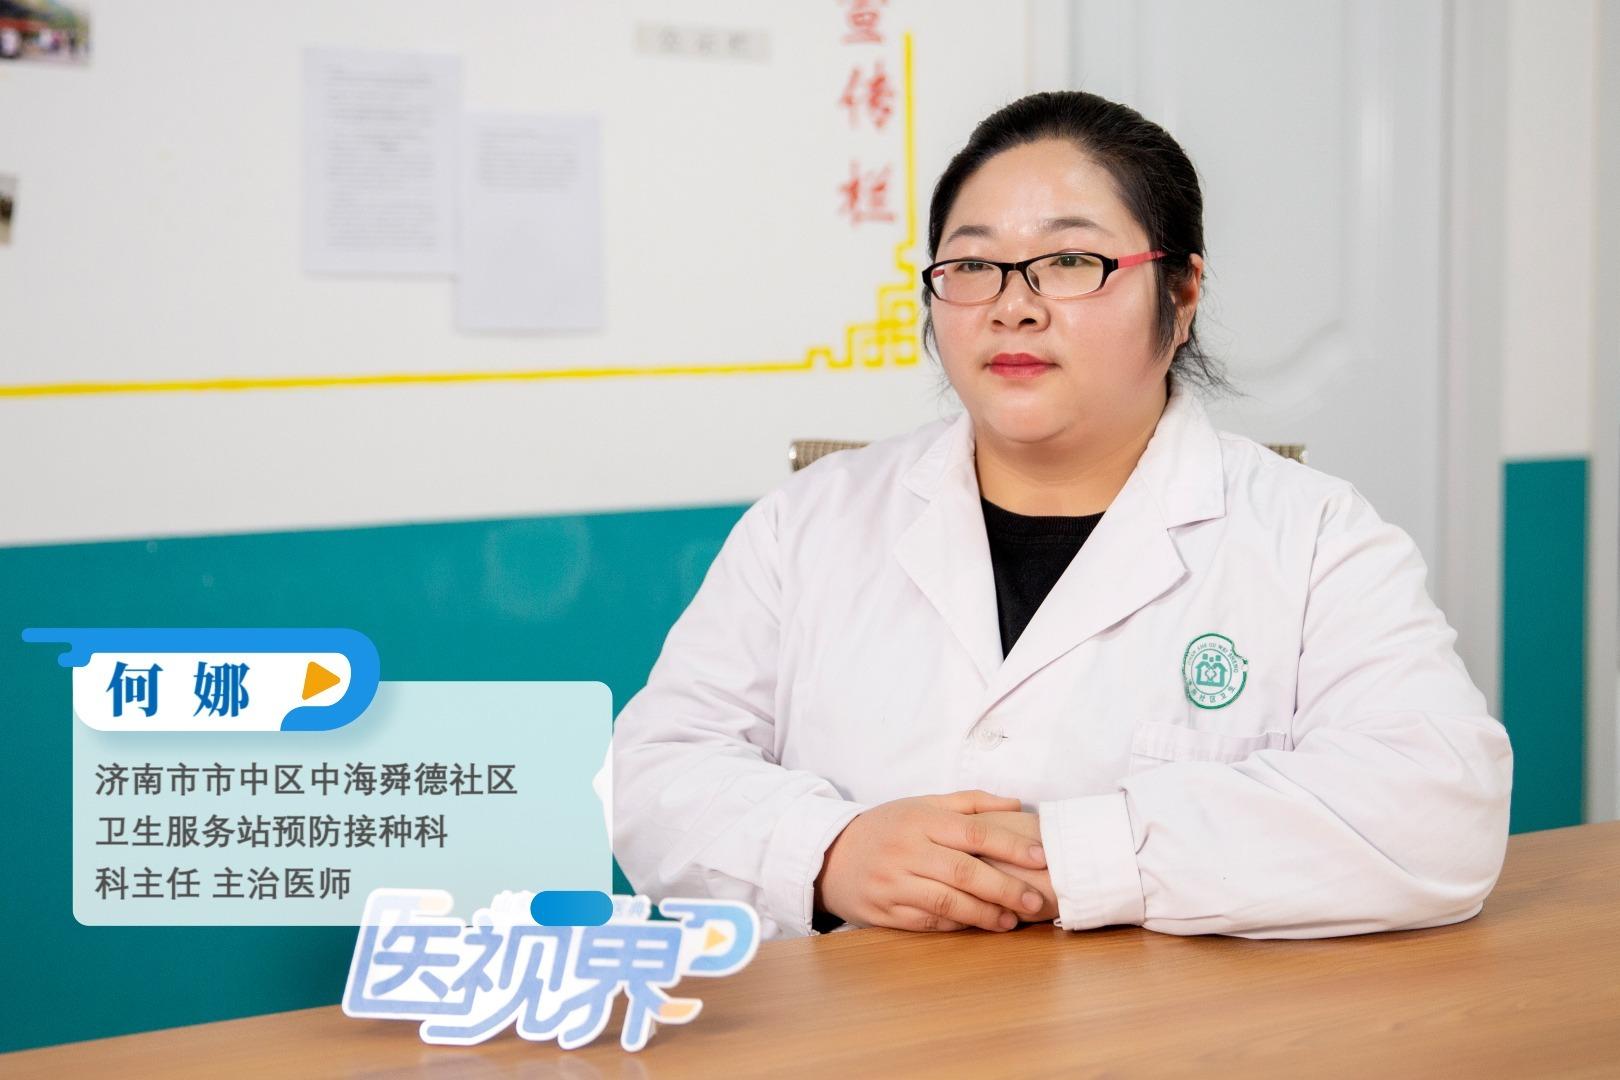 医视界丨冬季是传染疾病高发季节 儿童保健需要注意哪些方面?